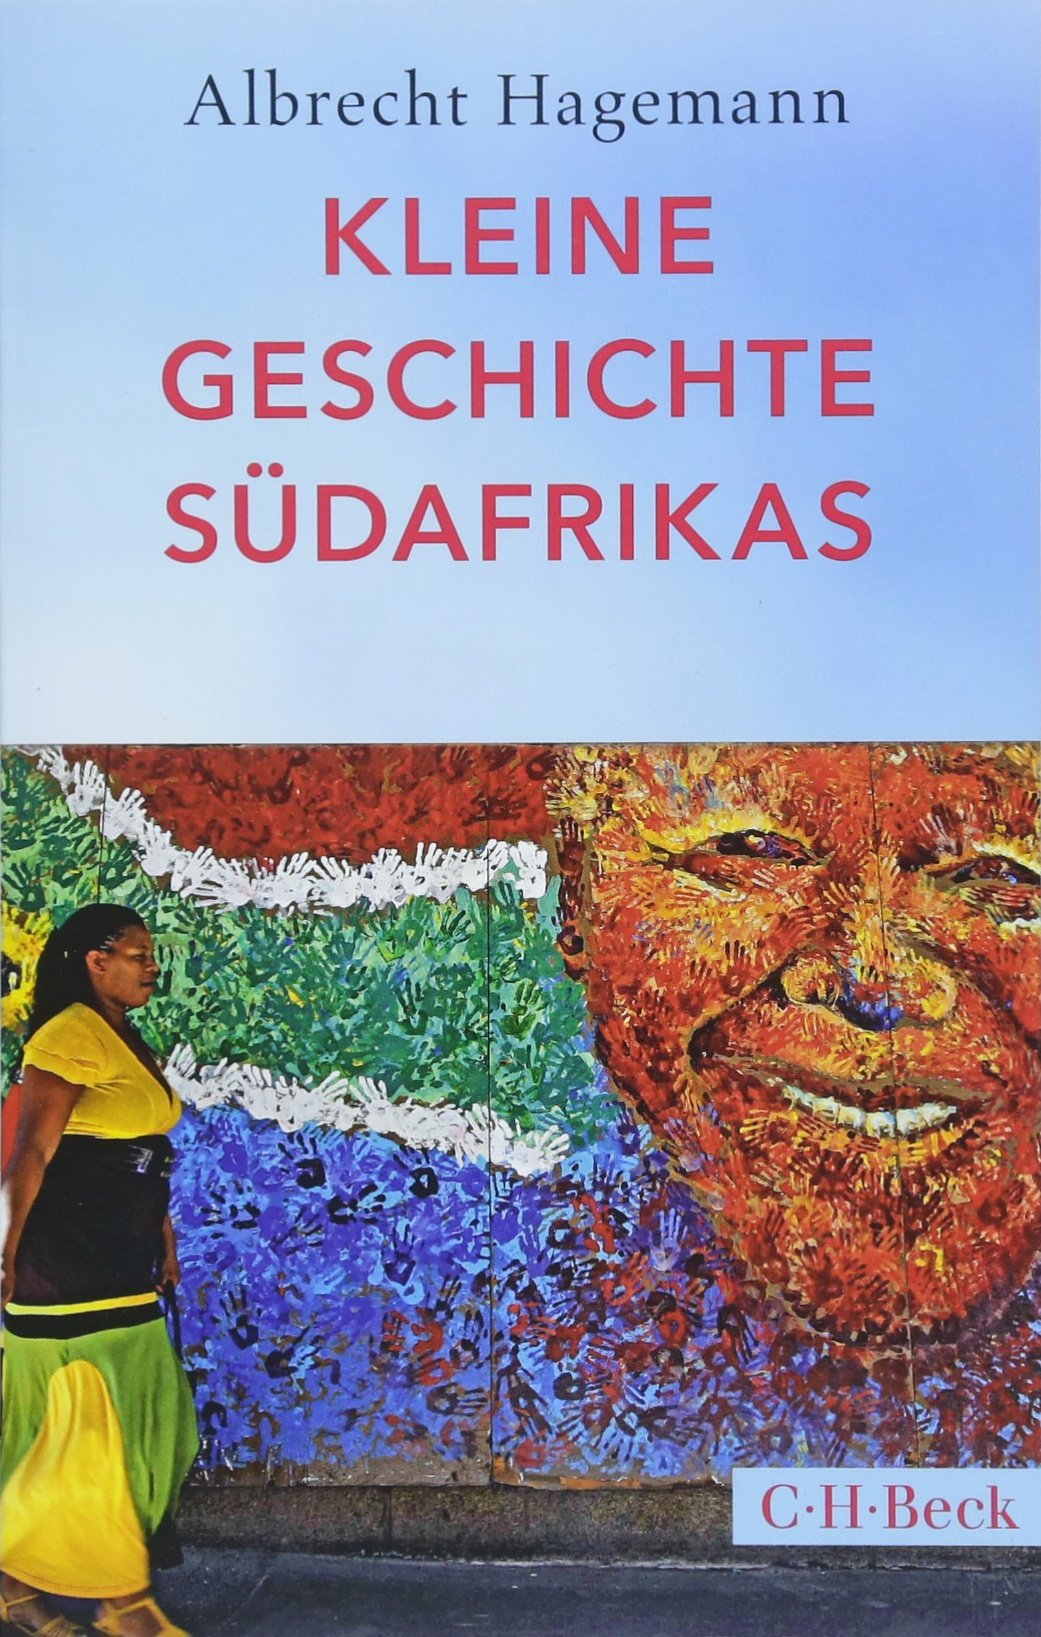 Kleine Geschichte Südafrikas Taschenbuch – 17. Mai 2018 Albrecht Hagemann C.H.Beck 3406720021 Geschichte / Sonstiges